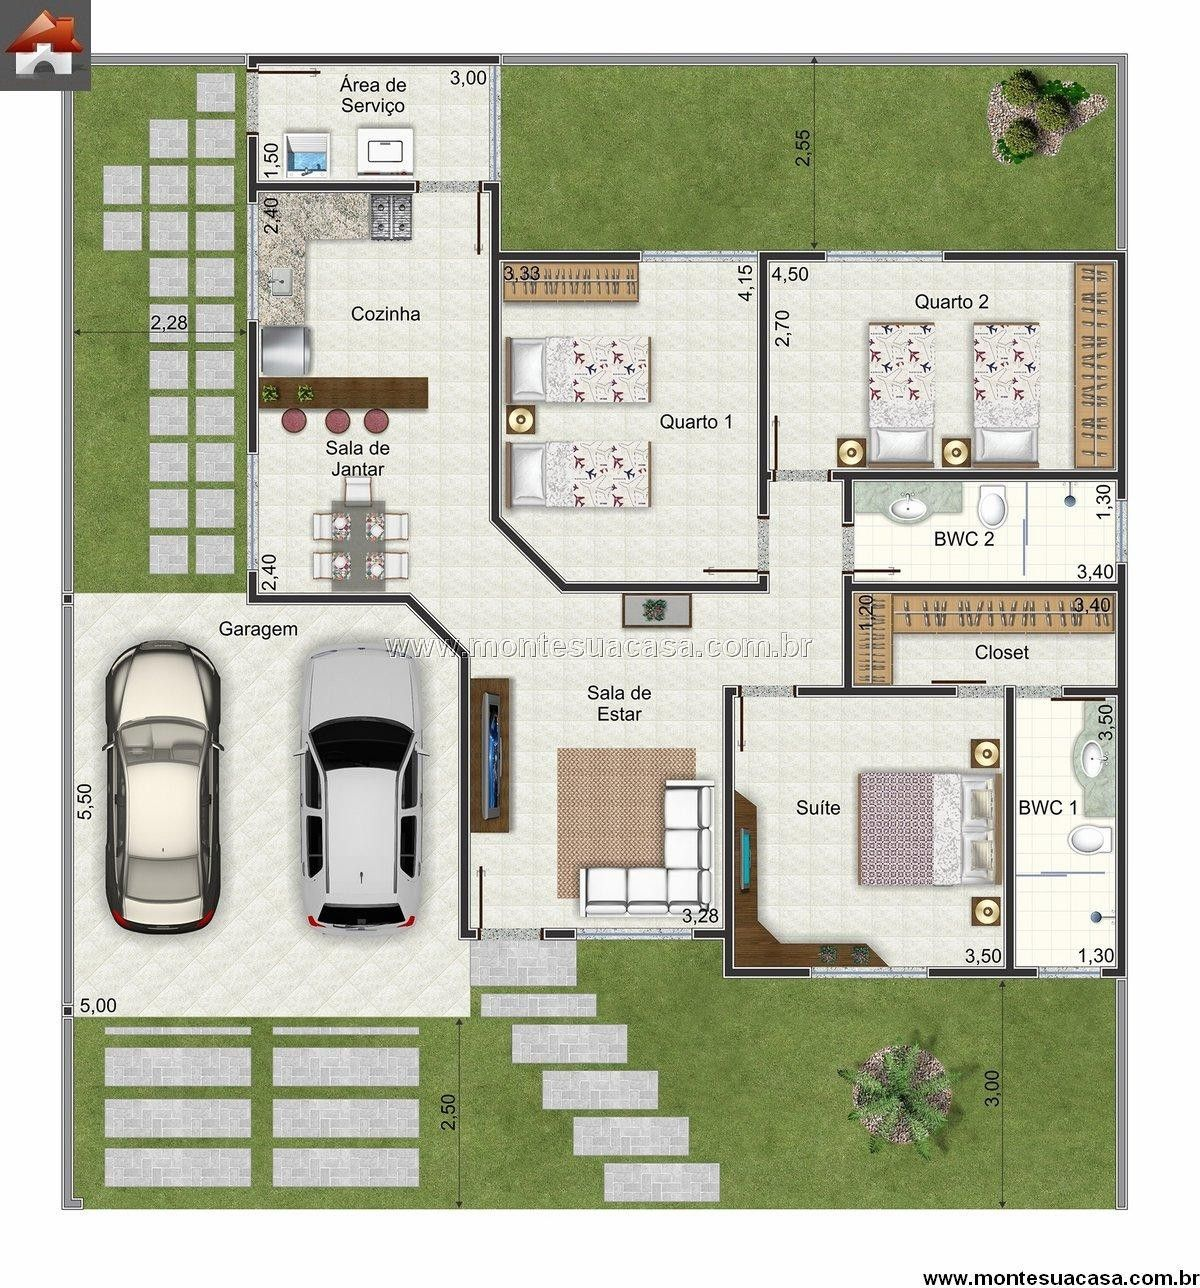 #61432B Projetos Casas Com 3 Quartos Ideias para a casa Pinterest House 1200x1288 píxeis em Aplicativo Para Projeto De Casas